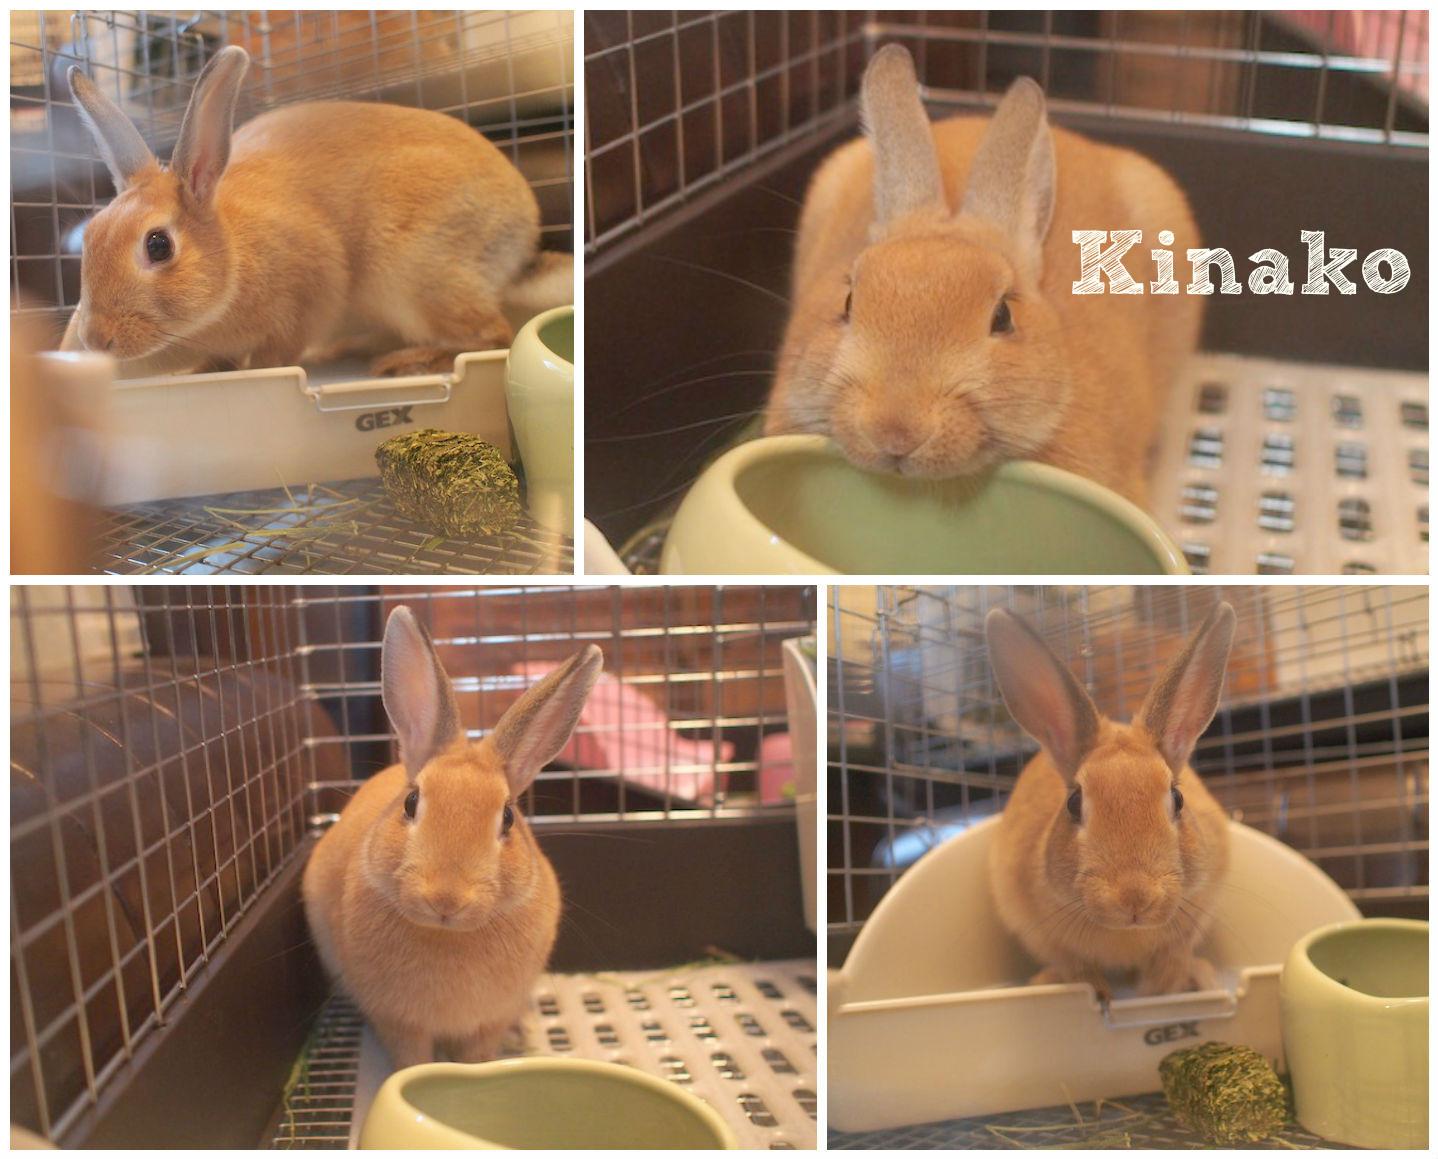 kinakoFotorCreated.jpg